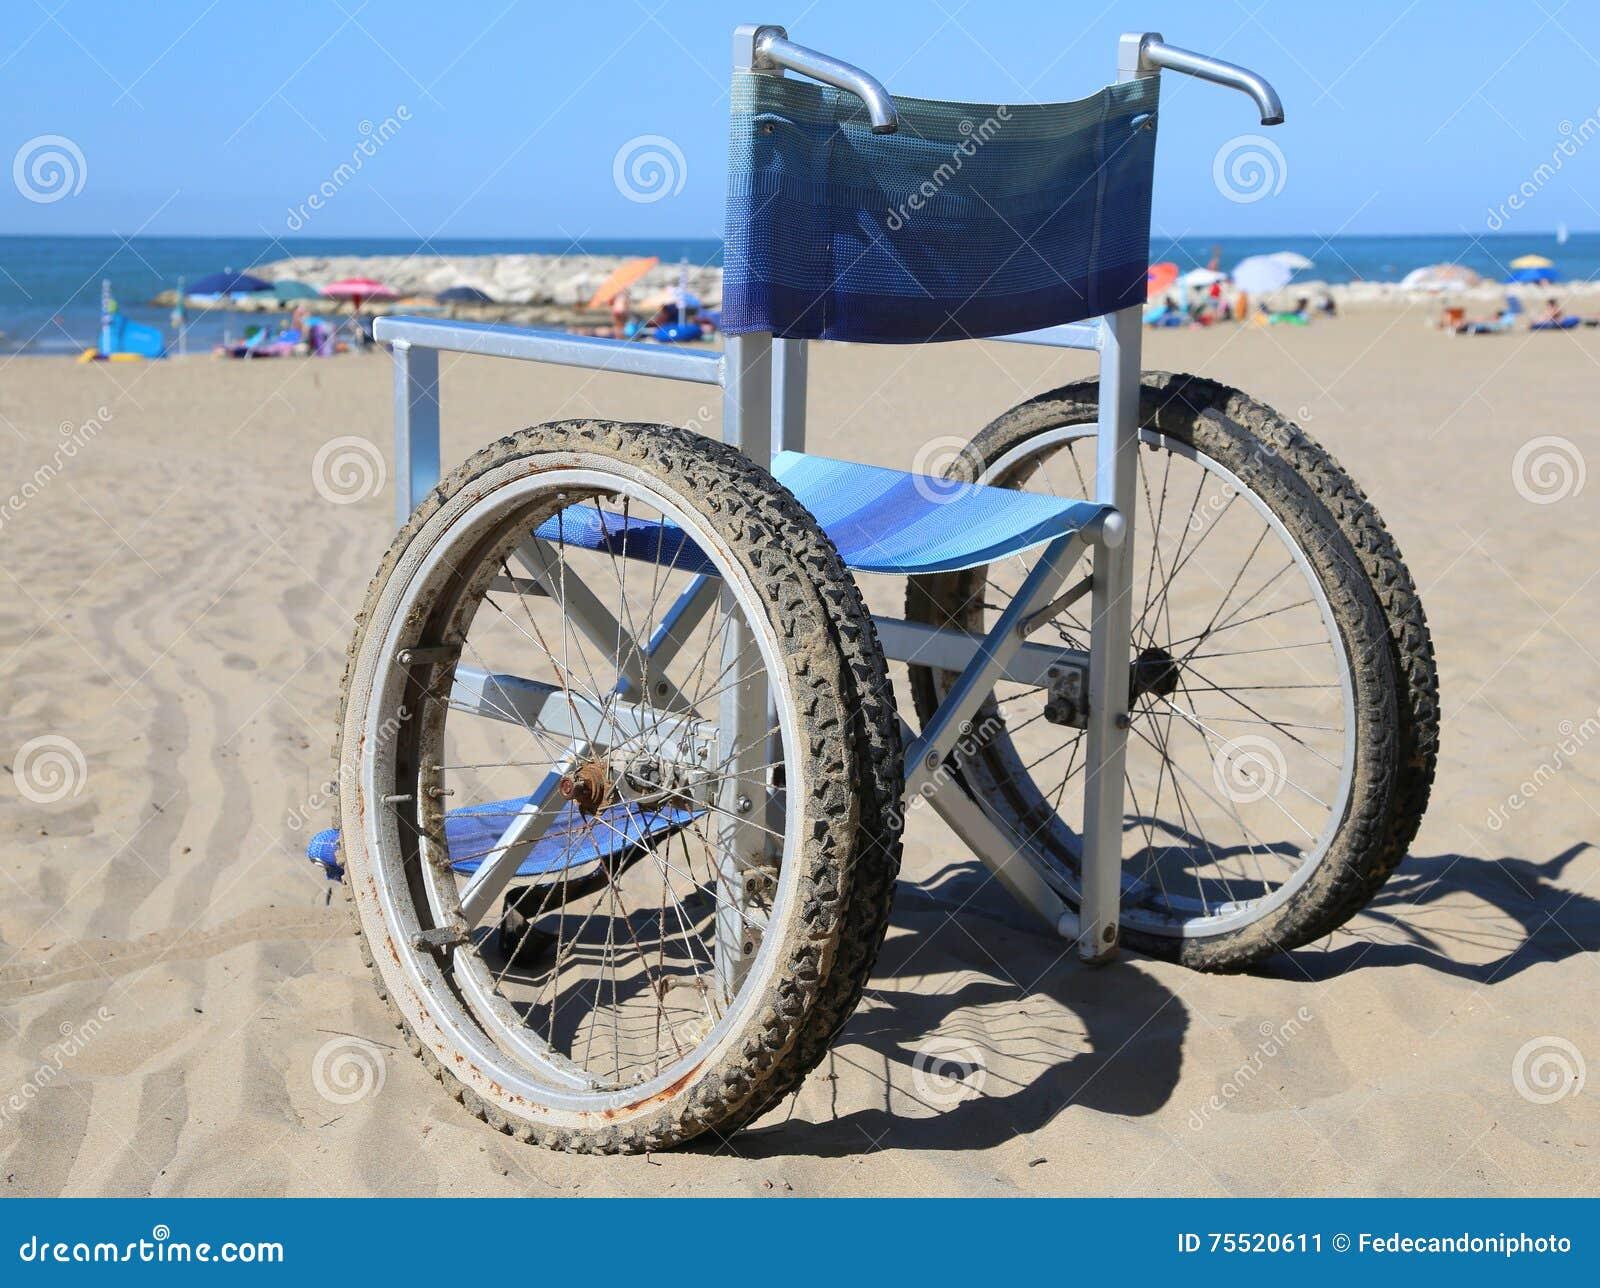 Silla de ruedas en la arena de la playa cerca del mar foto for Arena de playa precio